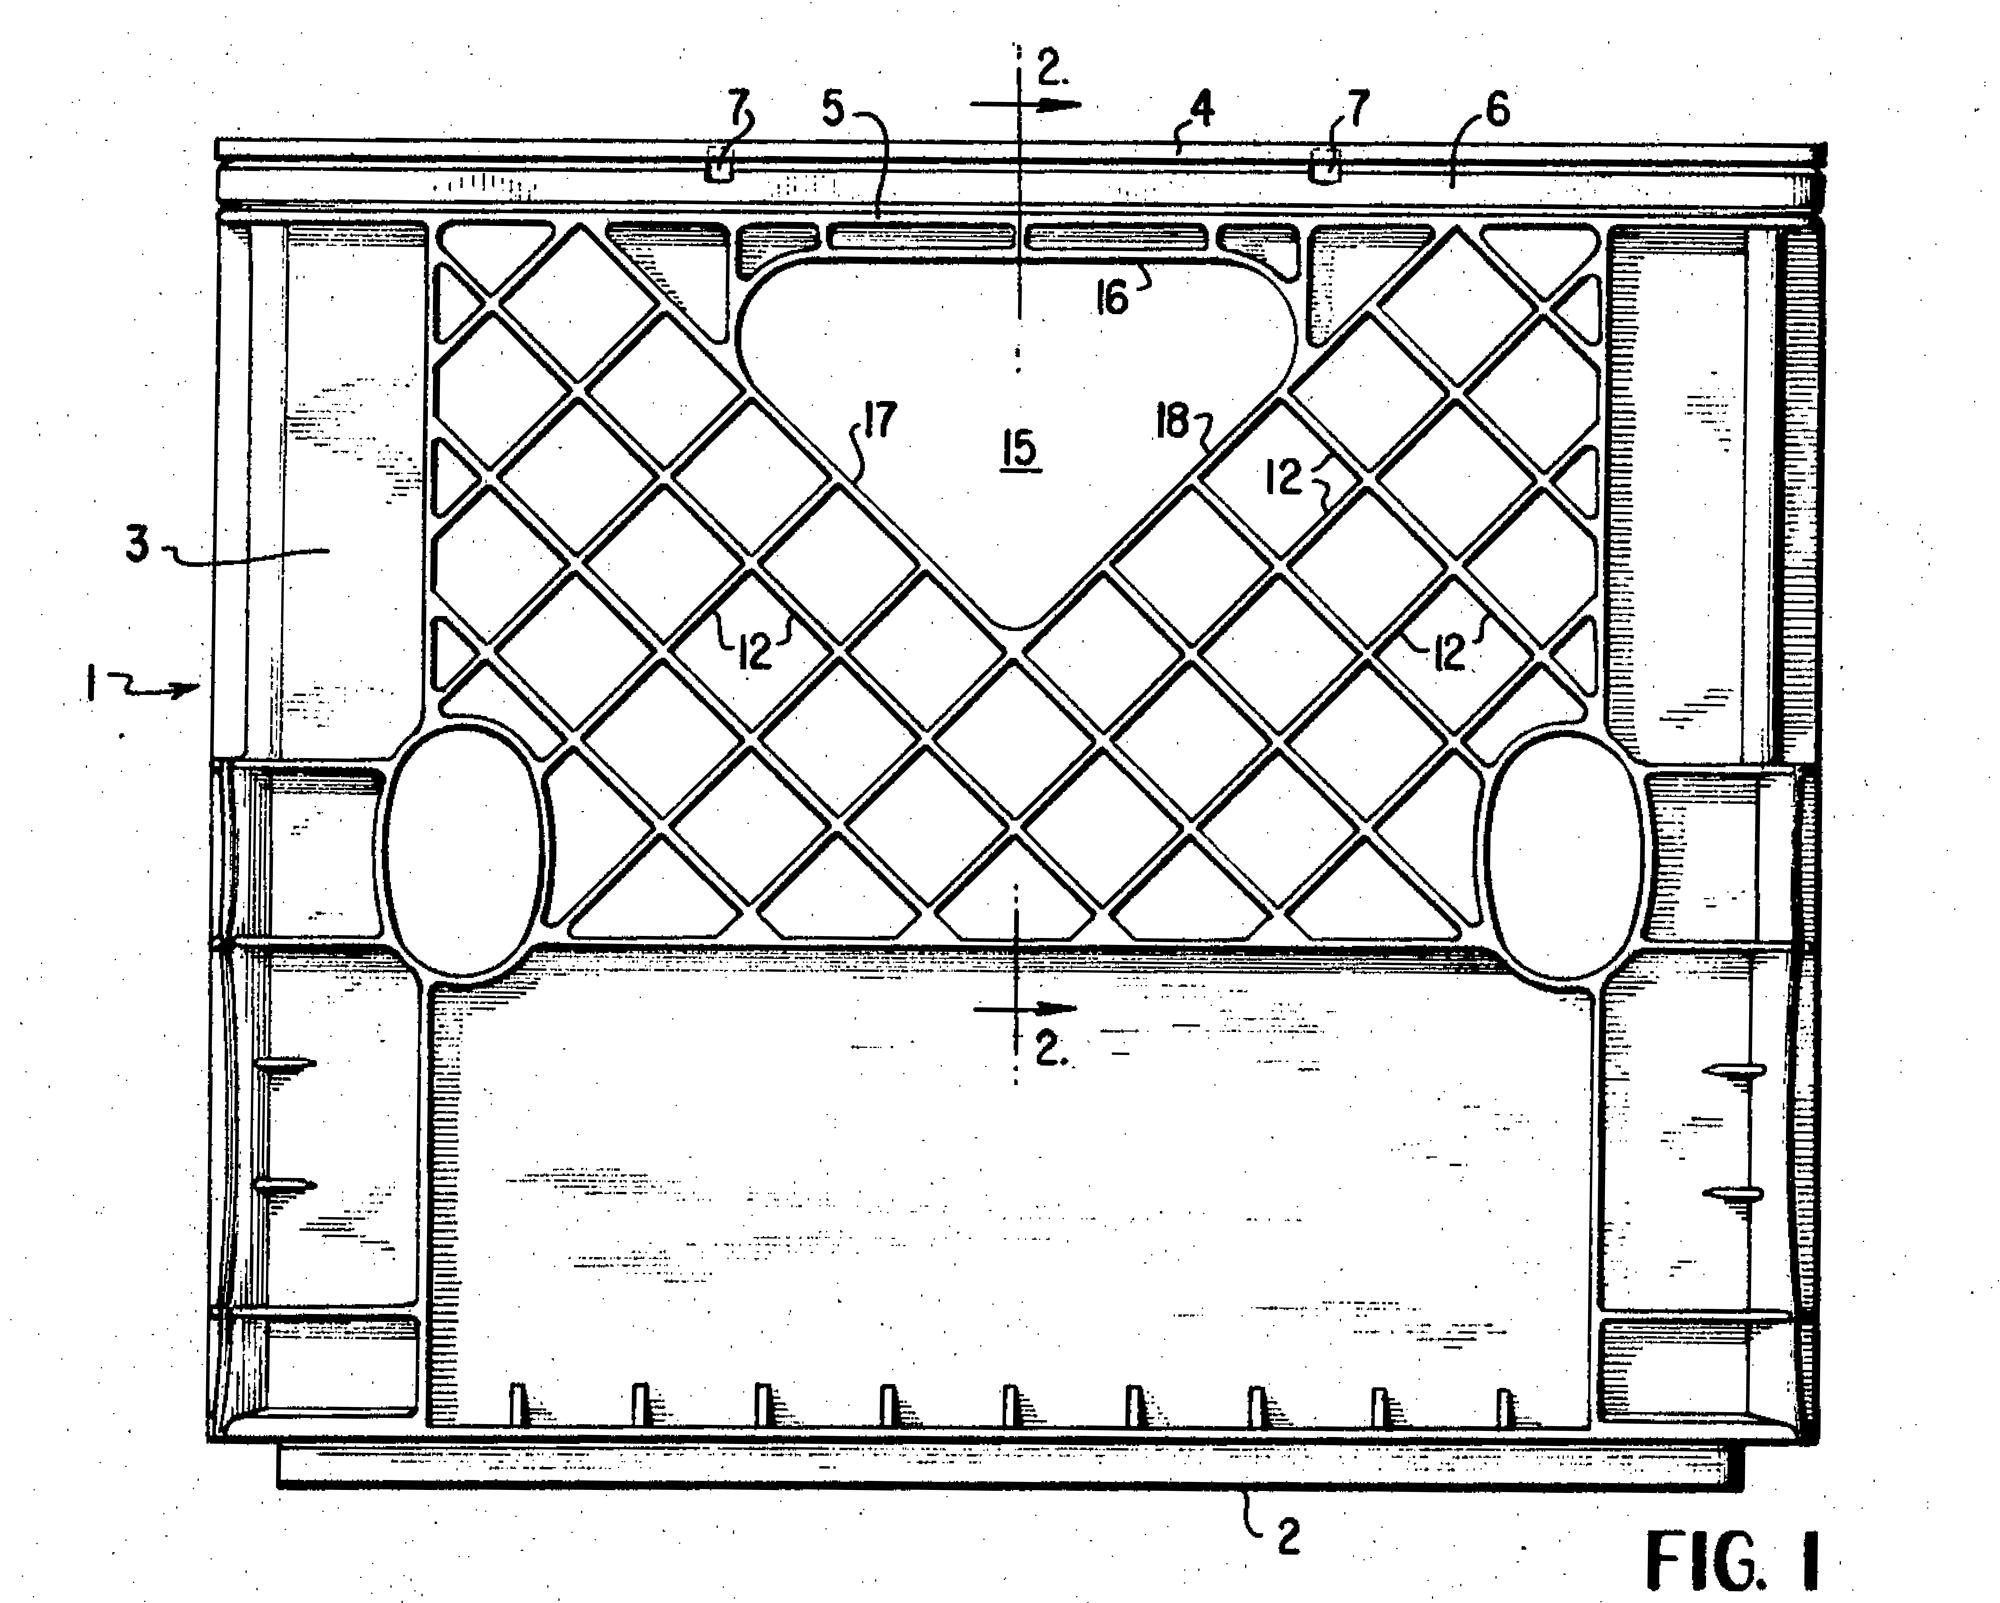 Milk Crate Patent Example